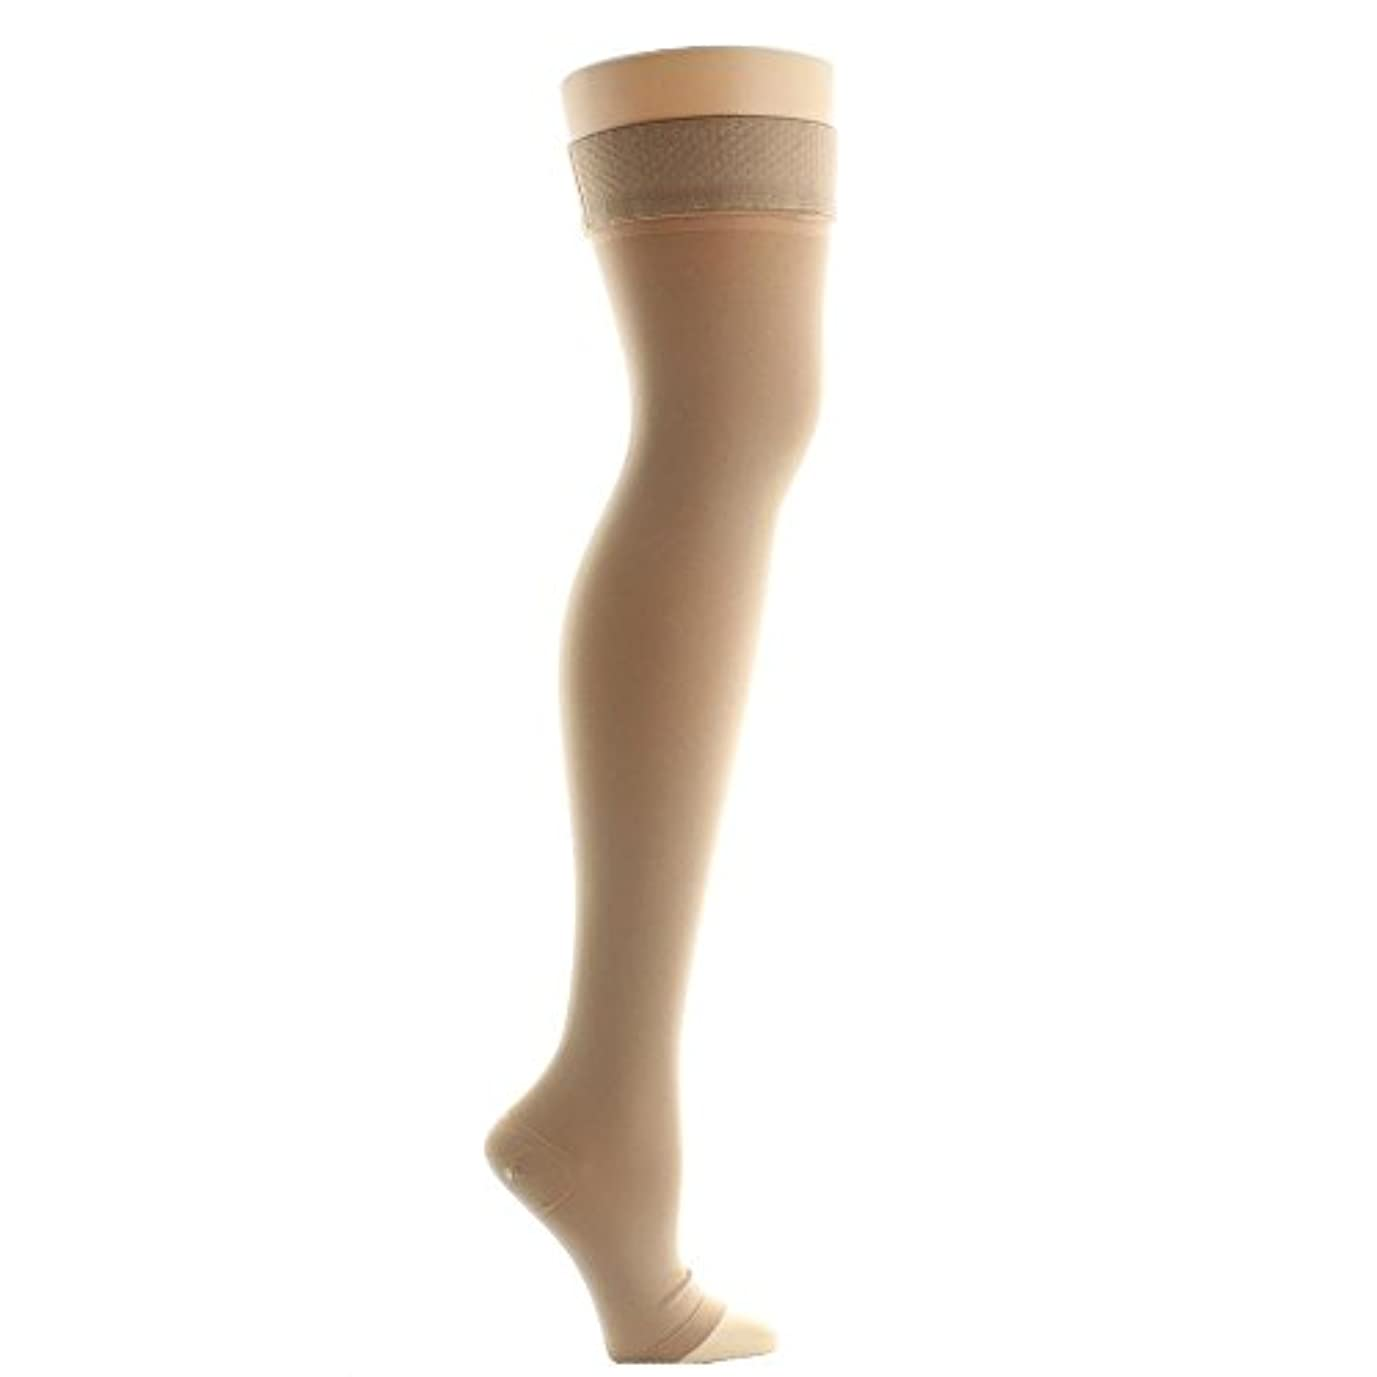 あなたはカストディアン文明Venosan VenoMedical USA Open Toe Thigh Highs w/Silicone Dot Band - 30-40 mmHg Beige Small Reg 3040212H by Venosan